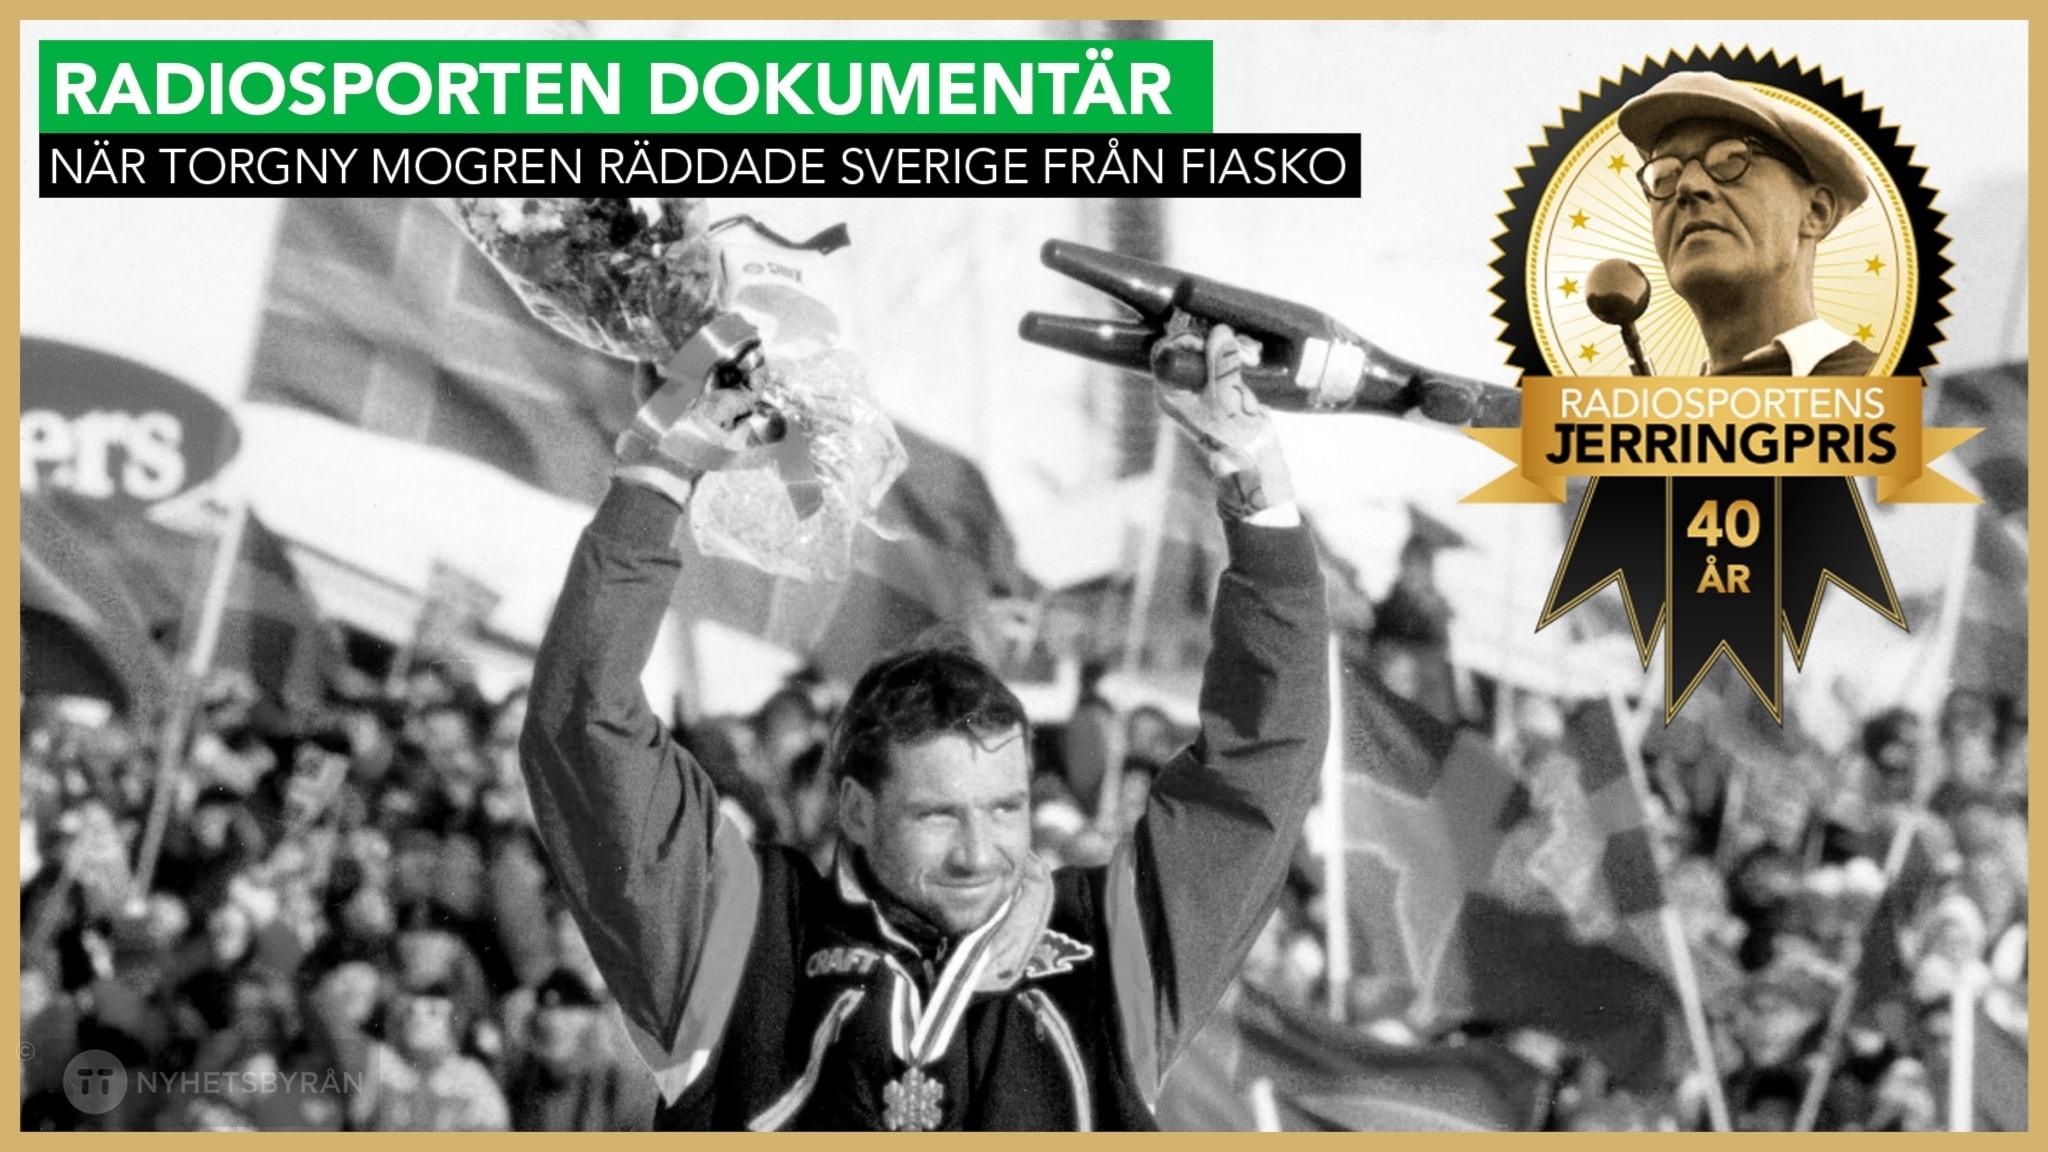 När Torgny Mogren räddade Sverige från fiasko